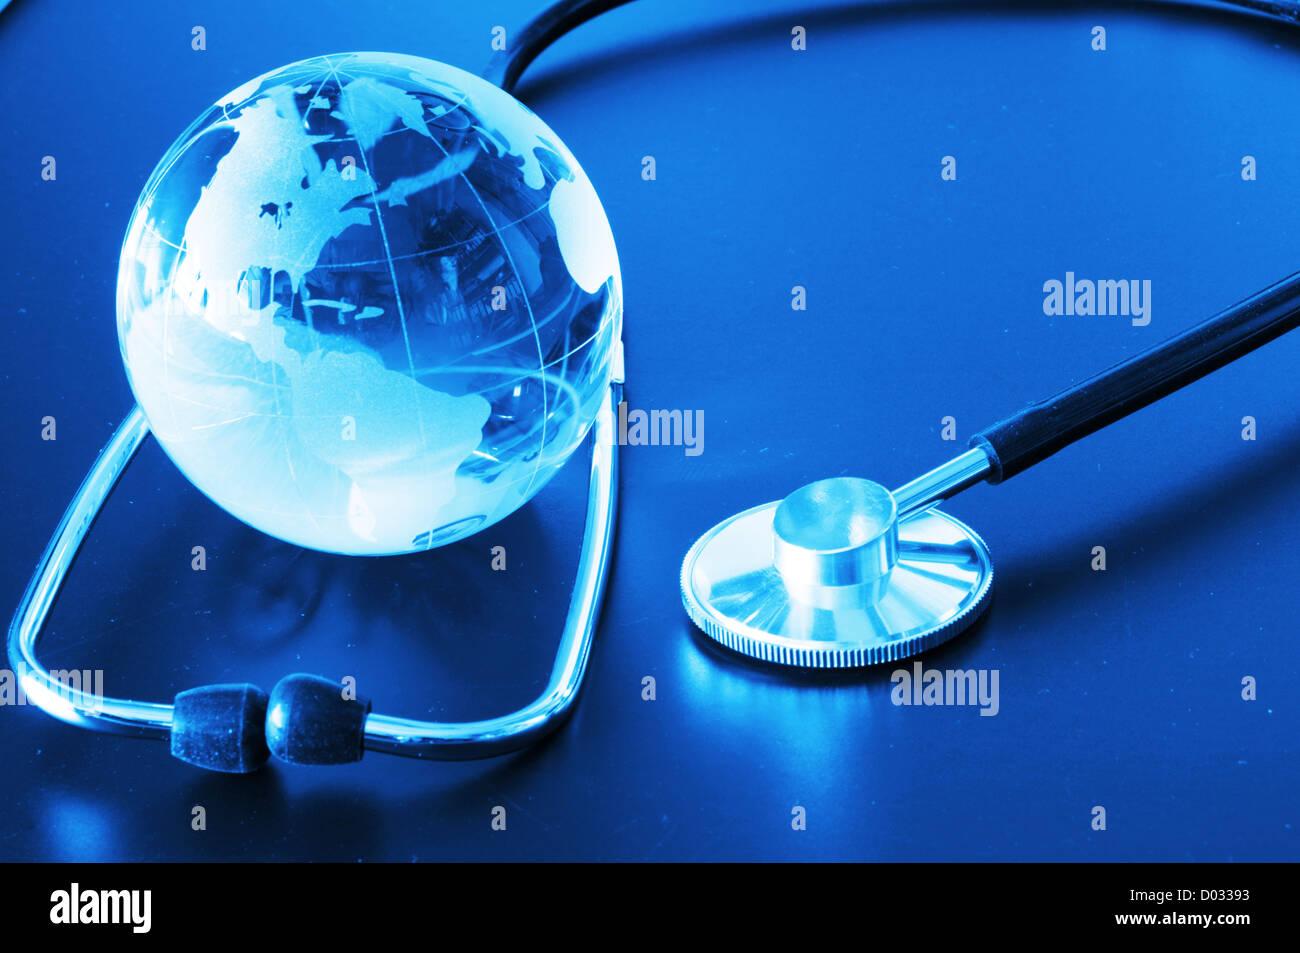 Ökologie-Öko-Umwelt oder Globaltemperaturanstiegbegriff mit Glaskugel und Stethoskop Stockbild